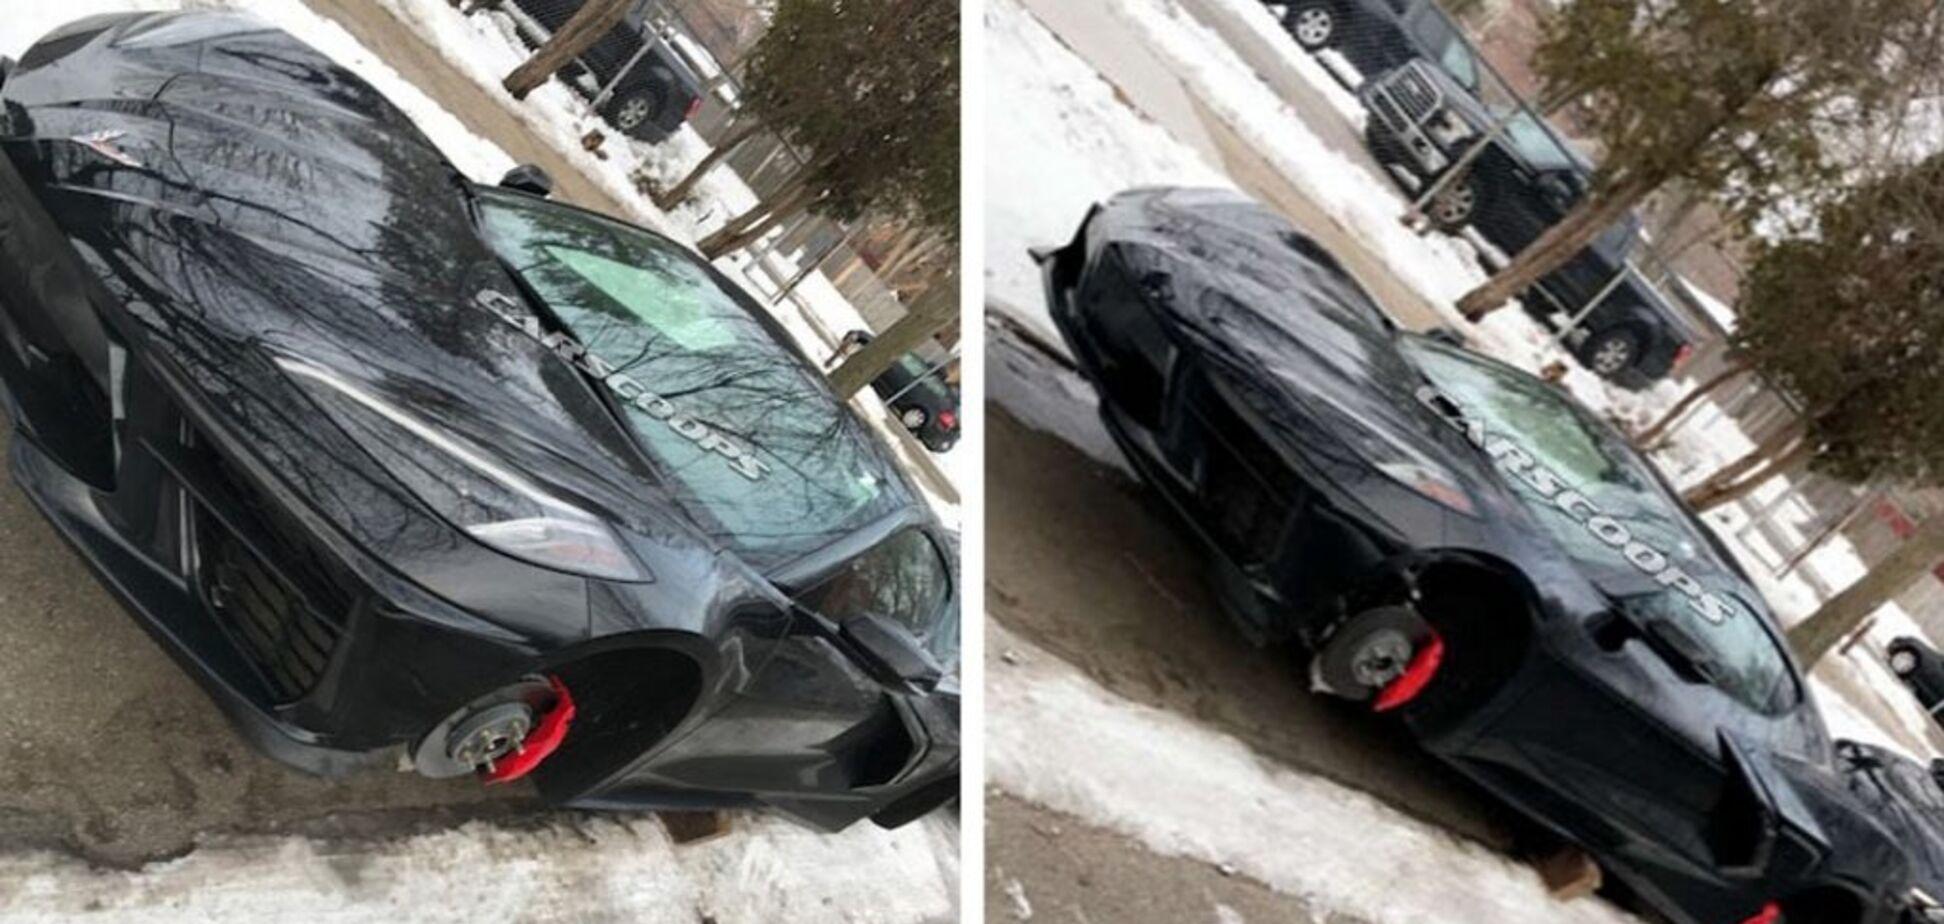 Злодії понівечили автомобіль, якого ще навіть немає в продажу